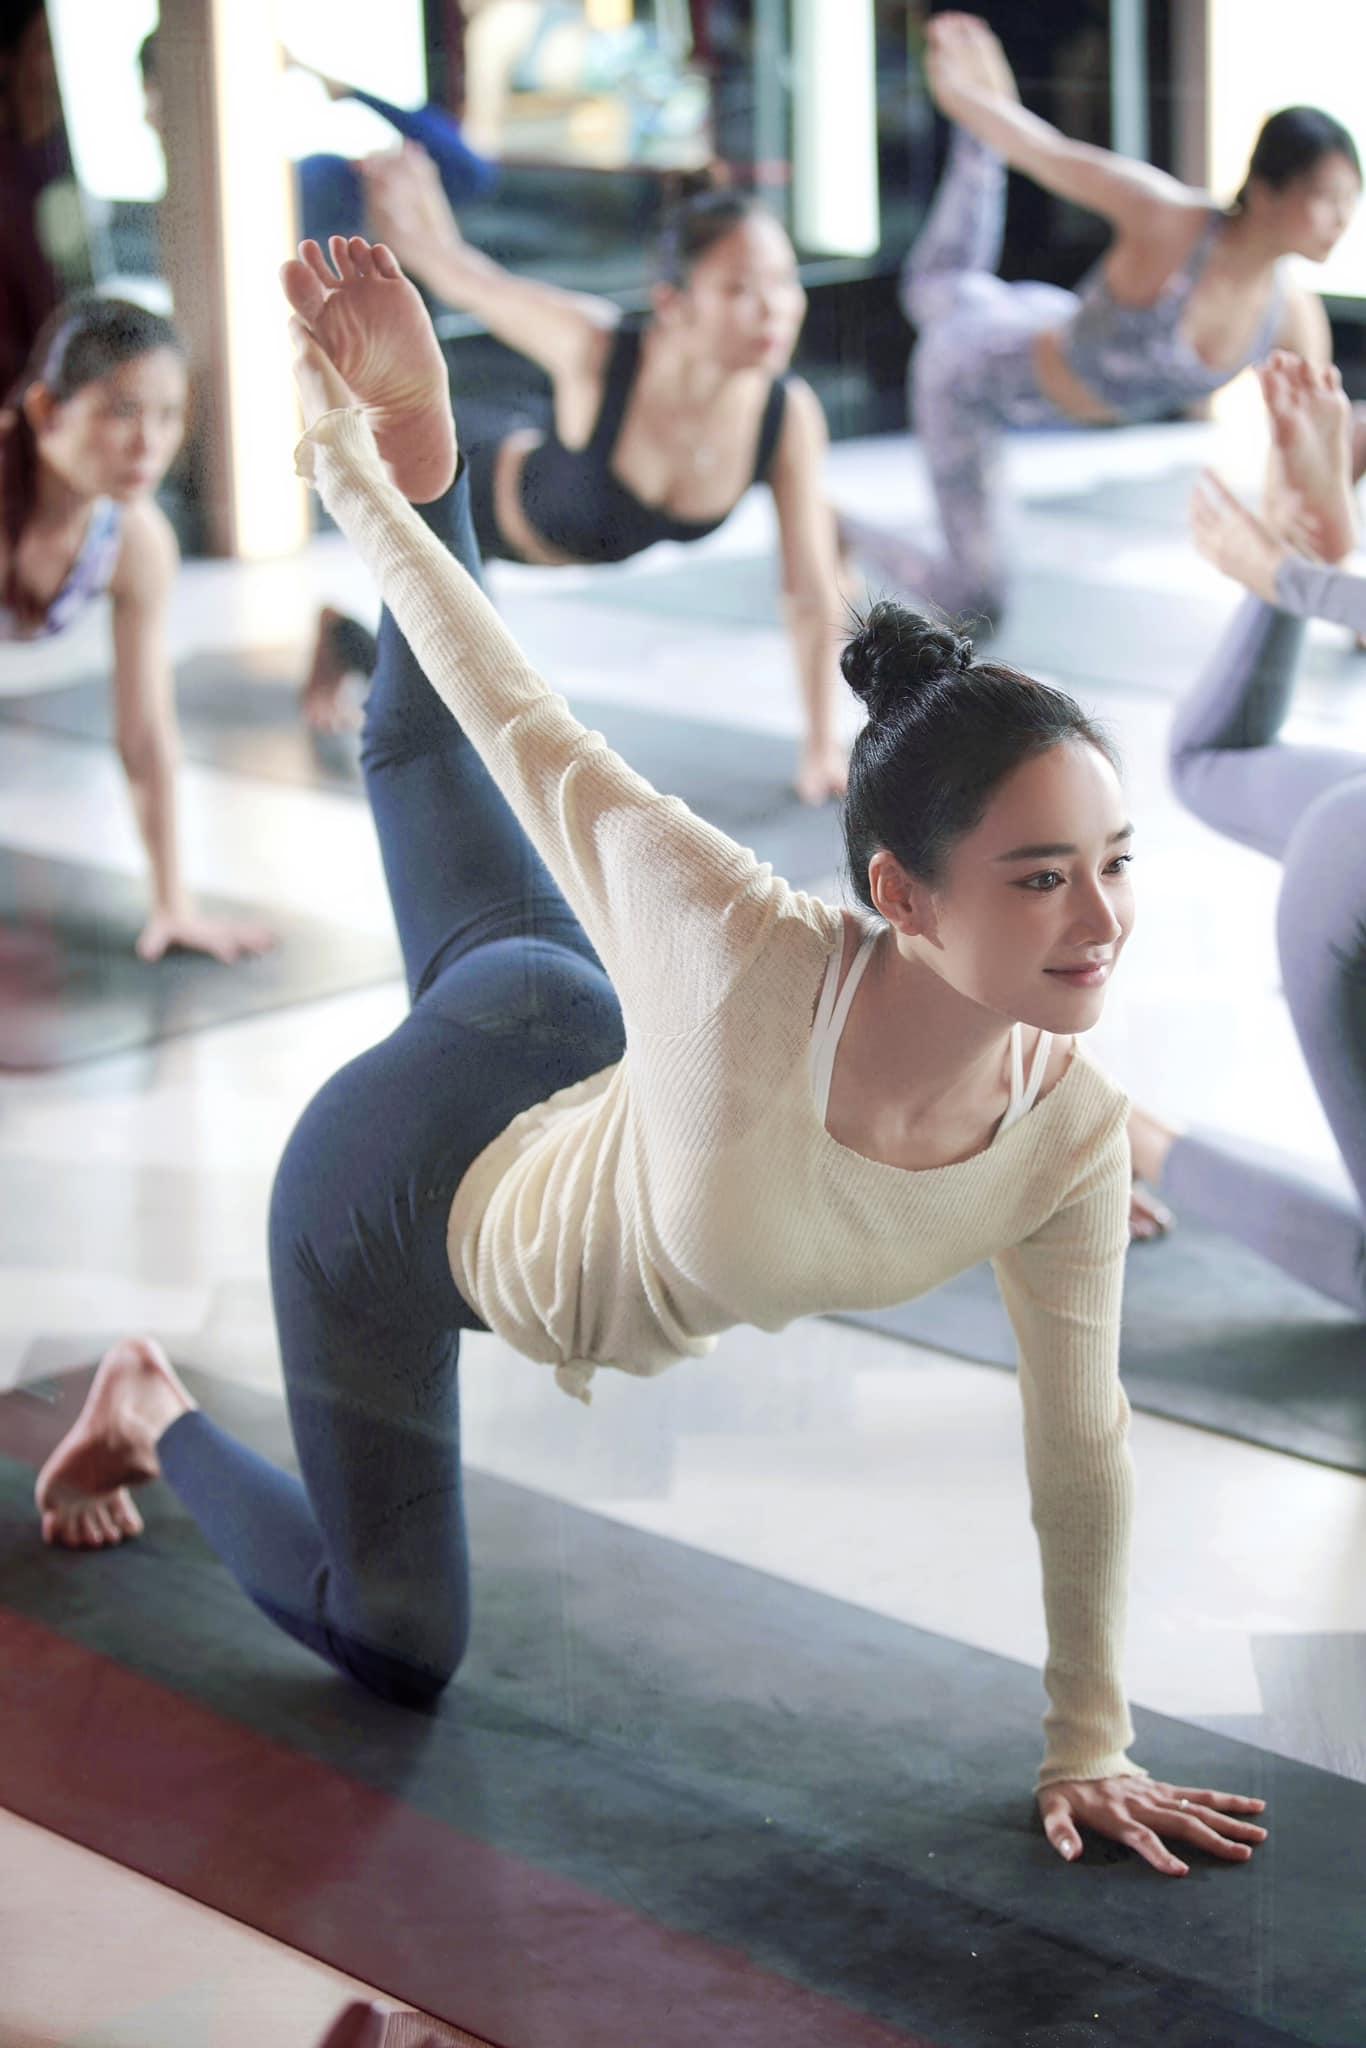 Nhã Phương tung ảnh đi tập yoga sáng sớm, nhan sắc và vóc dáng khiến ai nấy trầm trồ